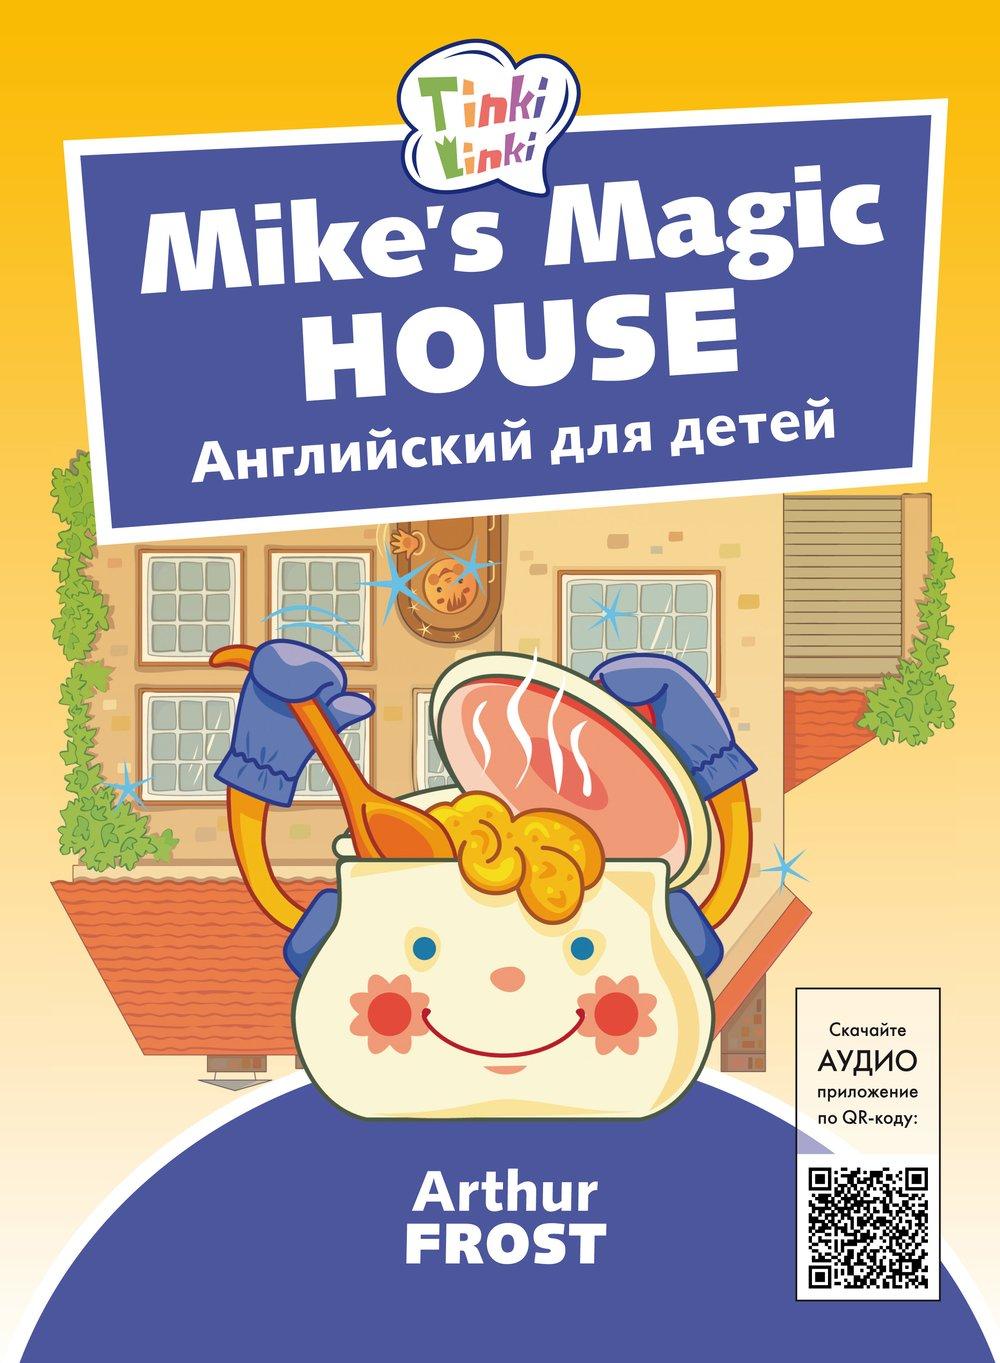 Arthur Frost Волшебный дом Майка / Mike's Magic House. Пособие для детей 5–7 лет. QR-код для аудио. Английский язык